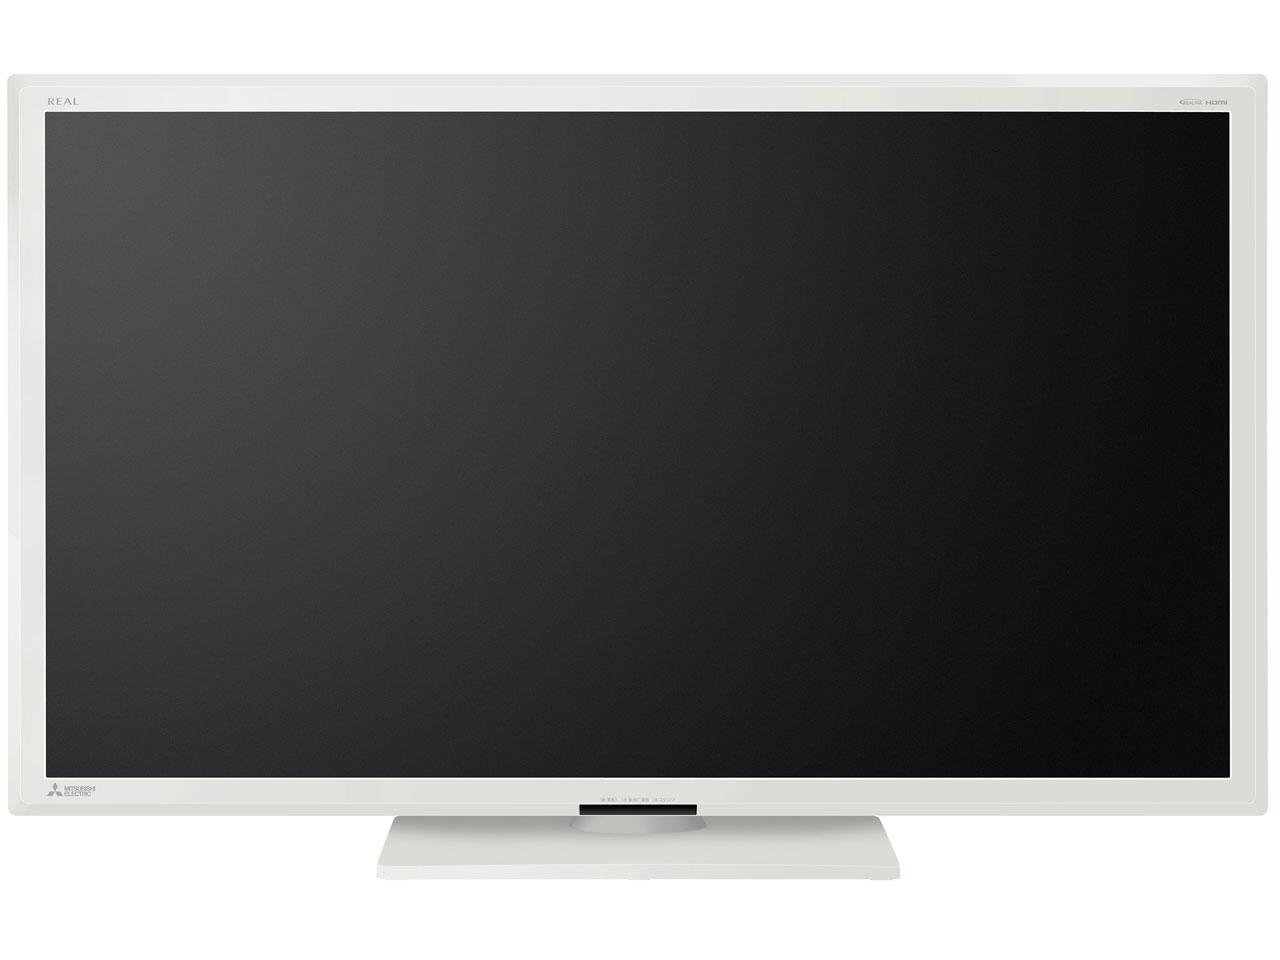 REAL LCD-50CV6H [50インチ] の製品画像